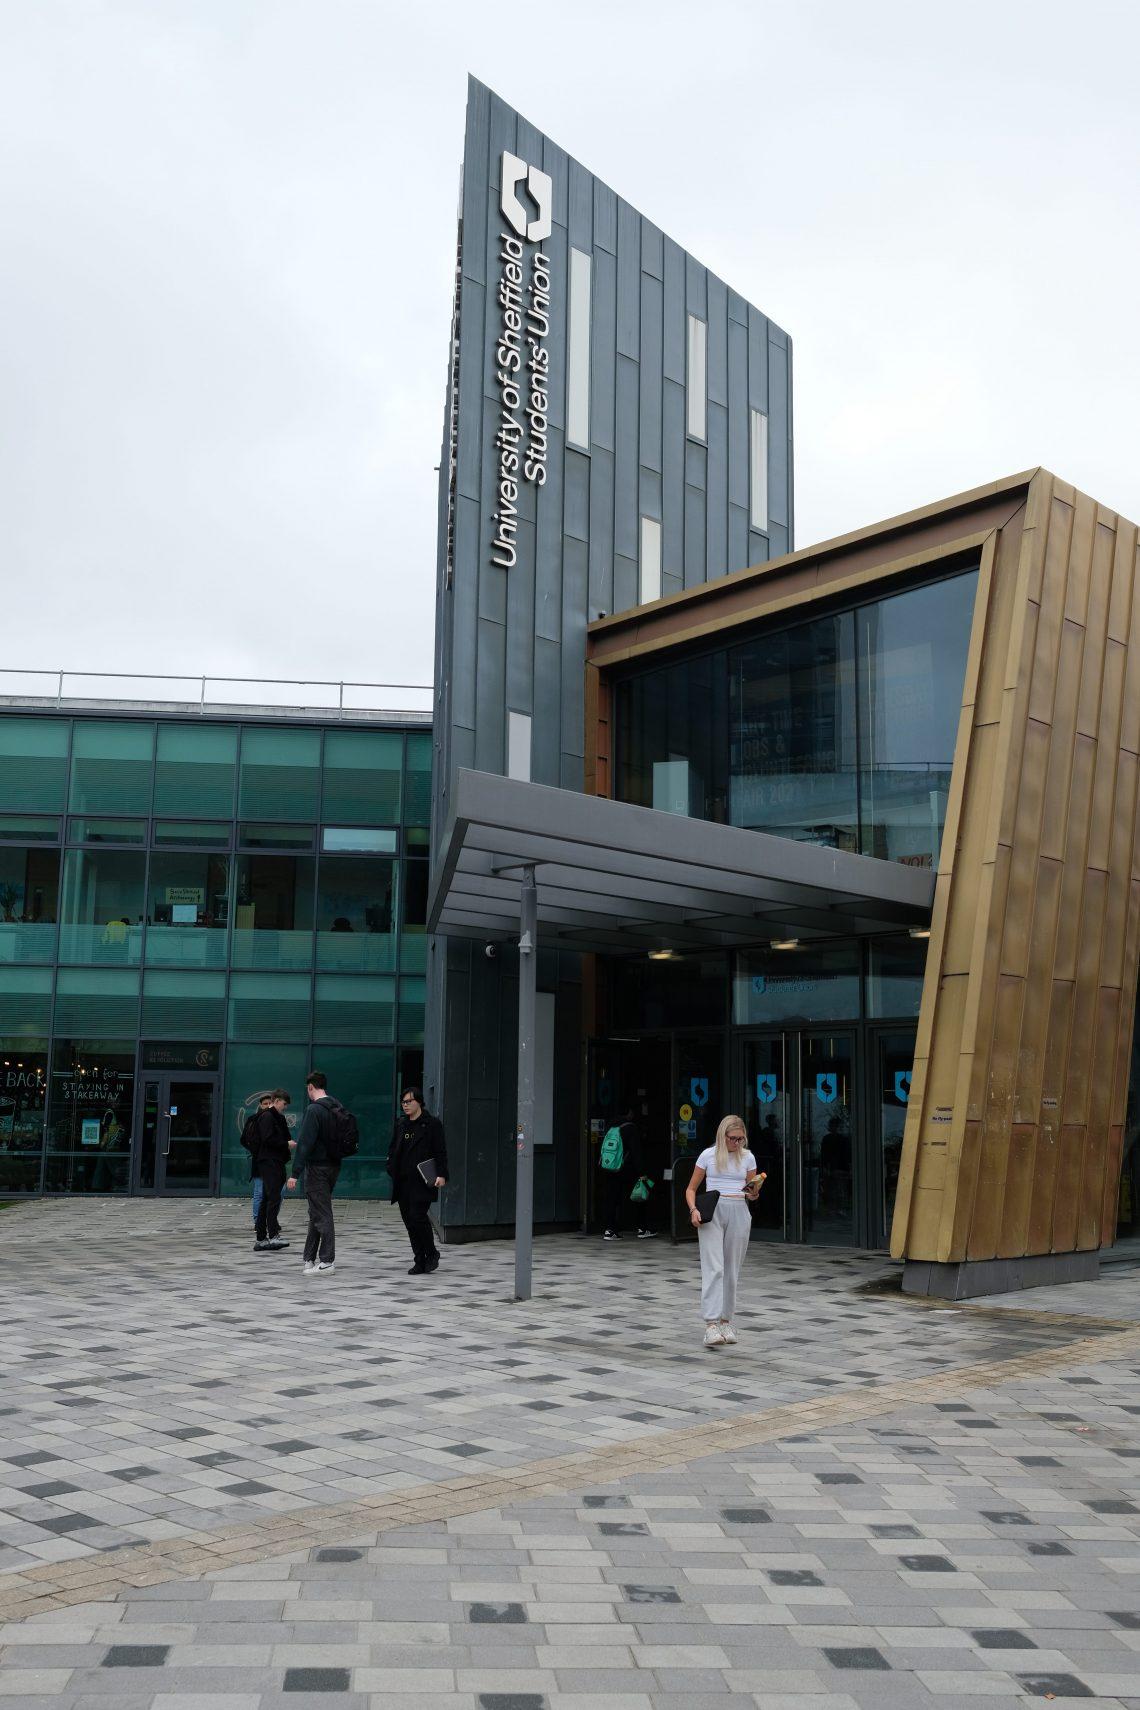 STEAMWORKS at the Sheffield Part-Time Jobs Fair